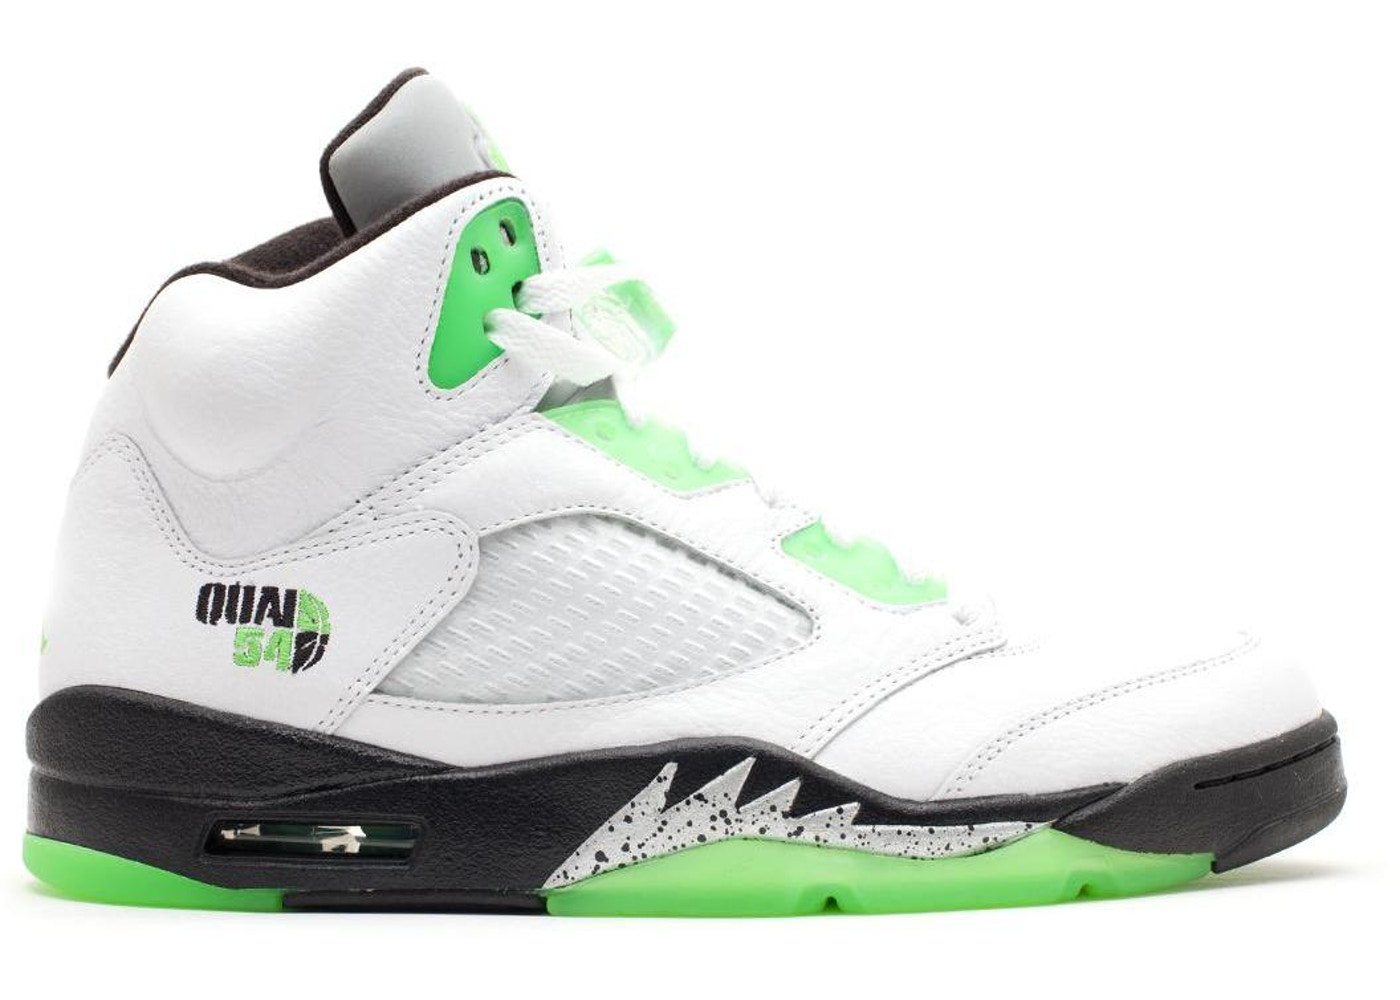 finest selection 28a7d 0201d Jordan 5 Retro Quai 54 White